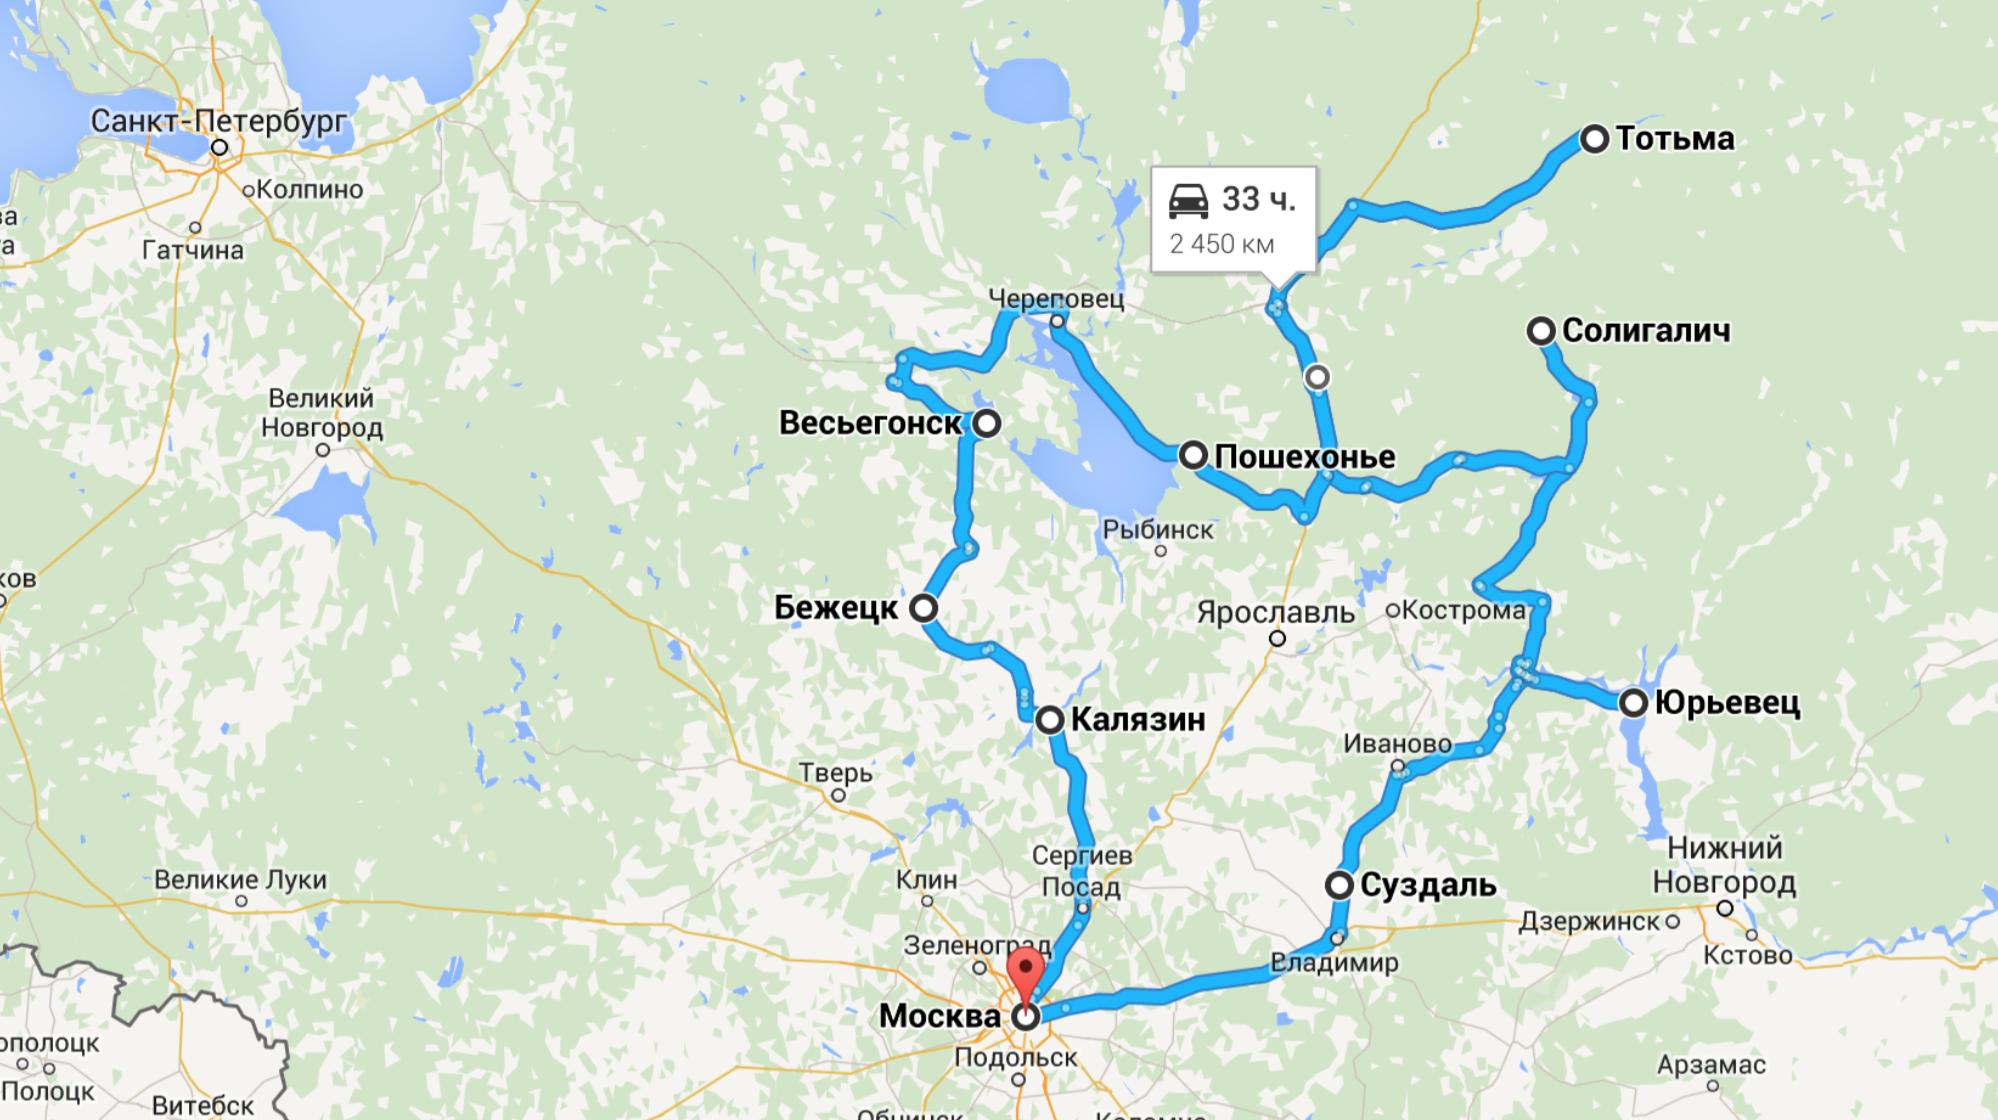 МИД Финляндии: Противостояние между Россией и Западом может продолжаться еще долго - Цензор.НЕТ 3407